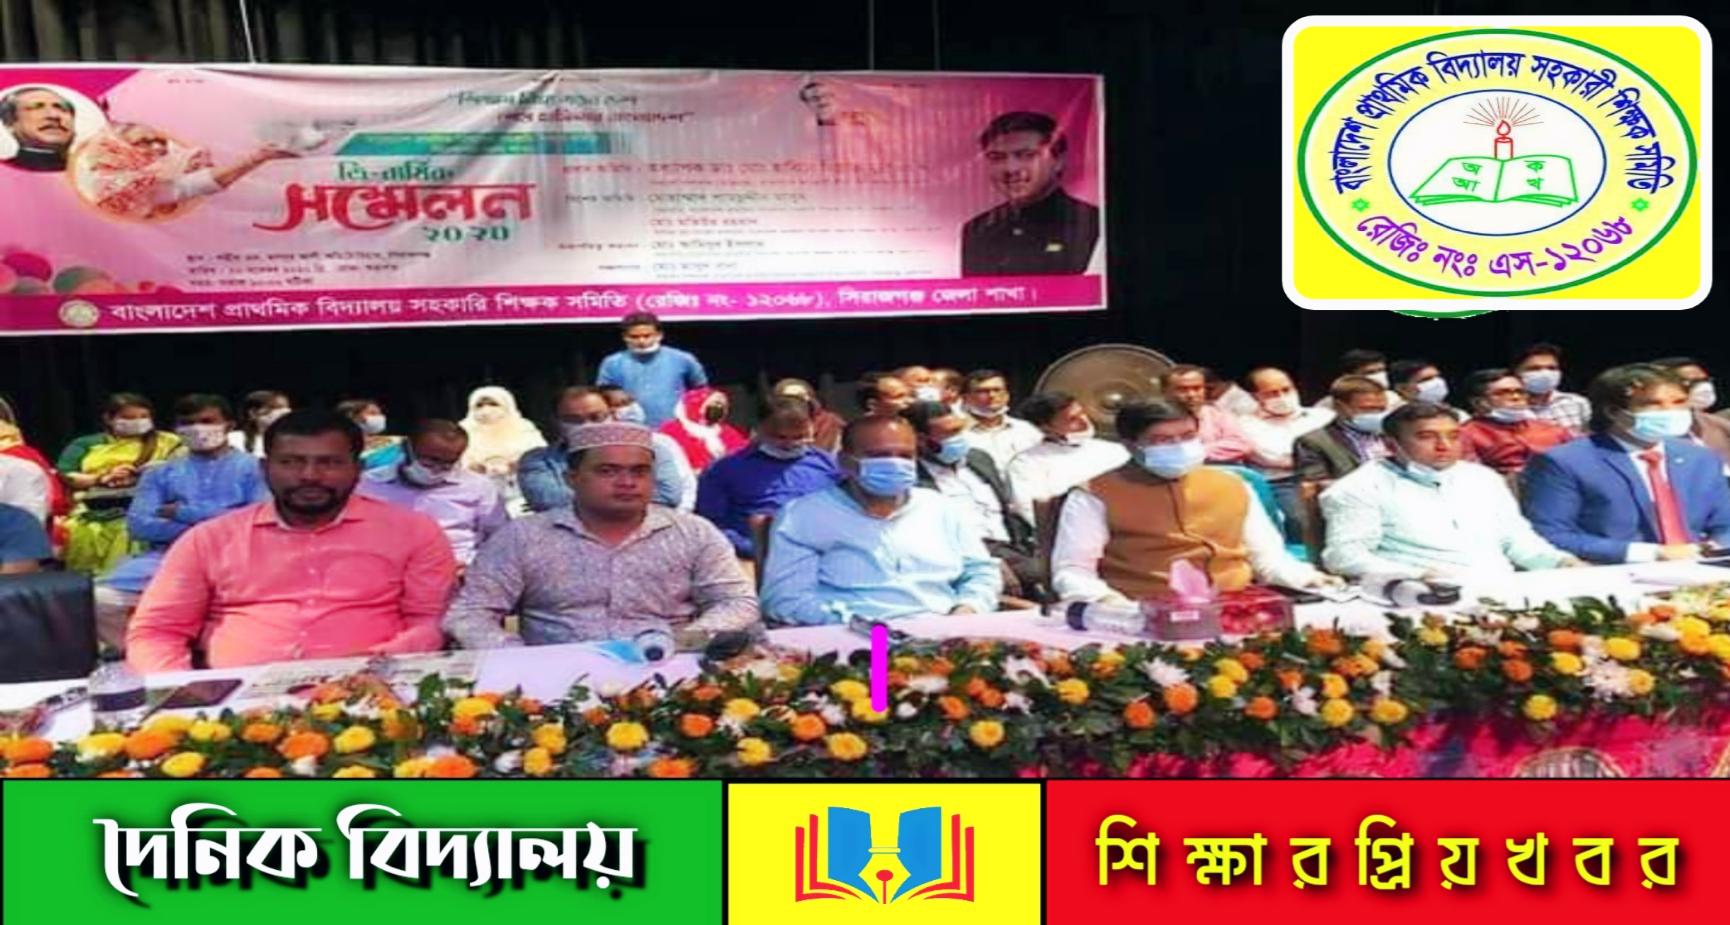 শামছুদ্দিন সাবেরার উপস্থিতিতে সিরাজগঞ্জ জেলা শিক্ষক সমিতির সম্মেলন অনুষ্ঠিত